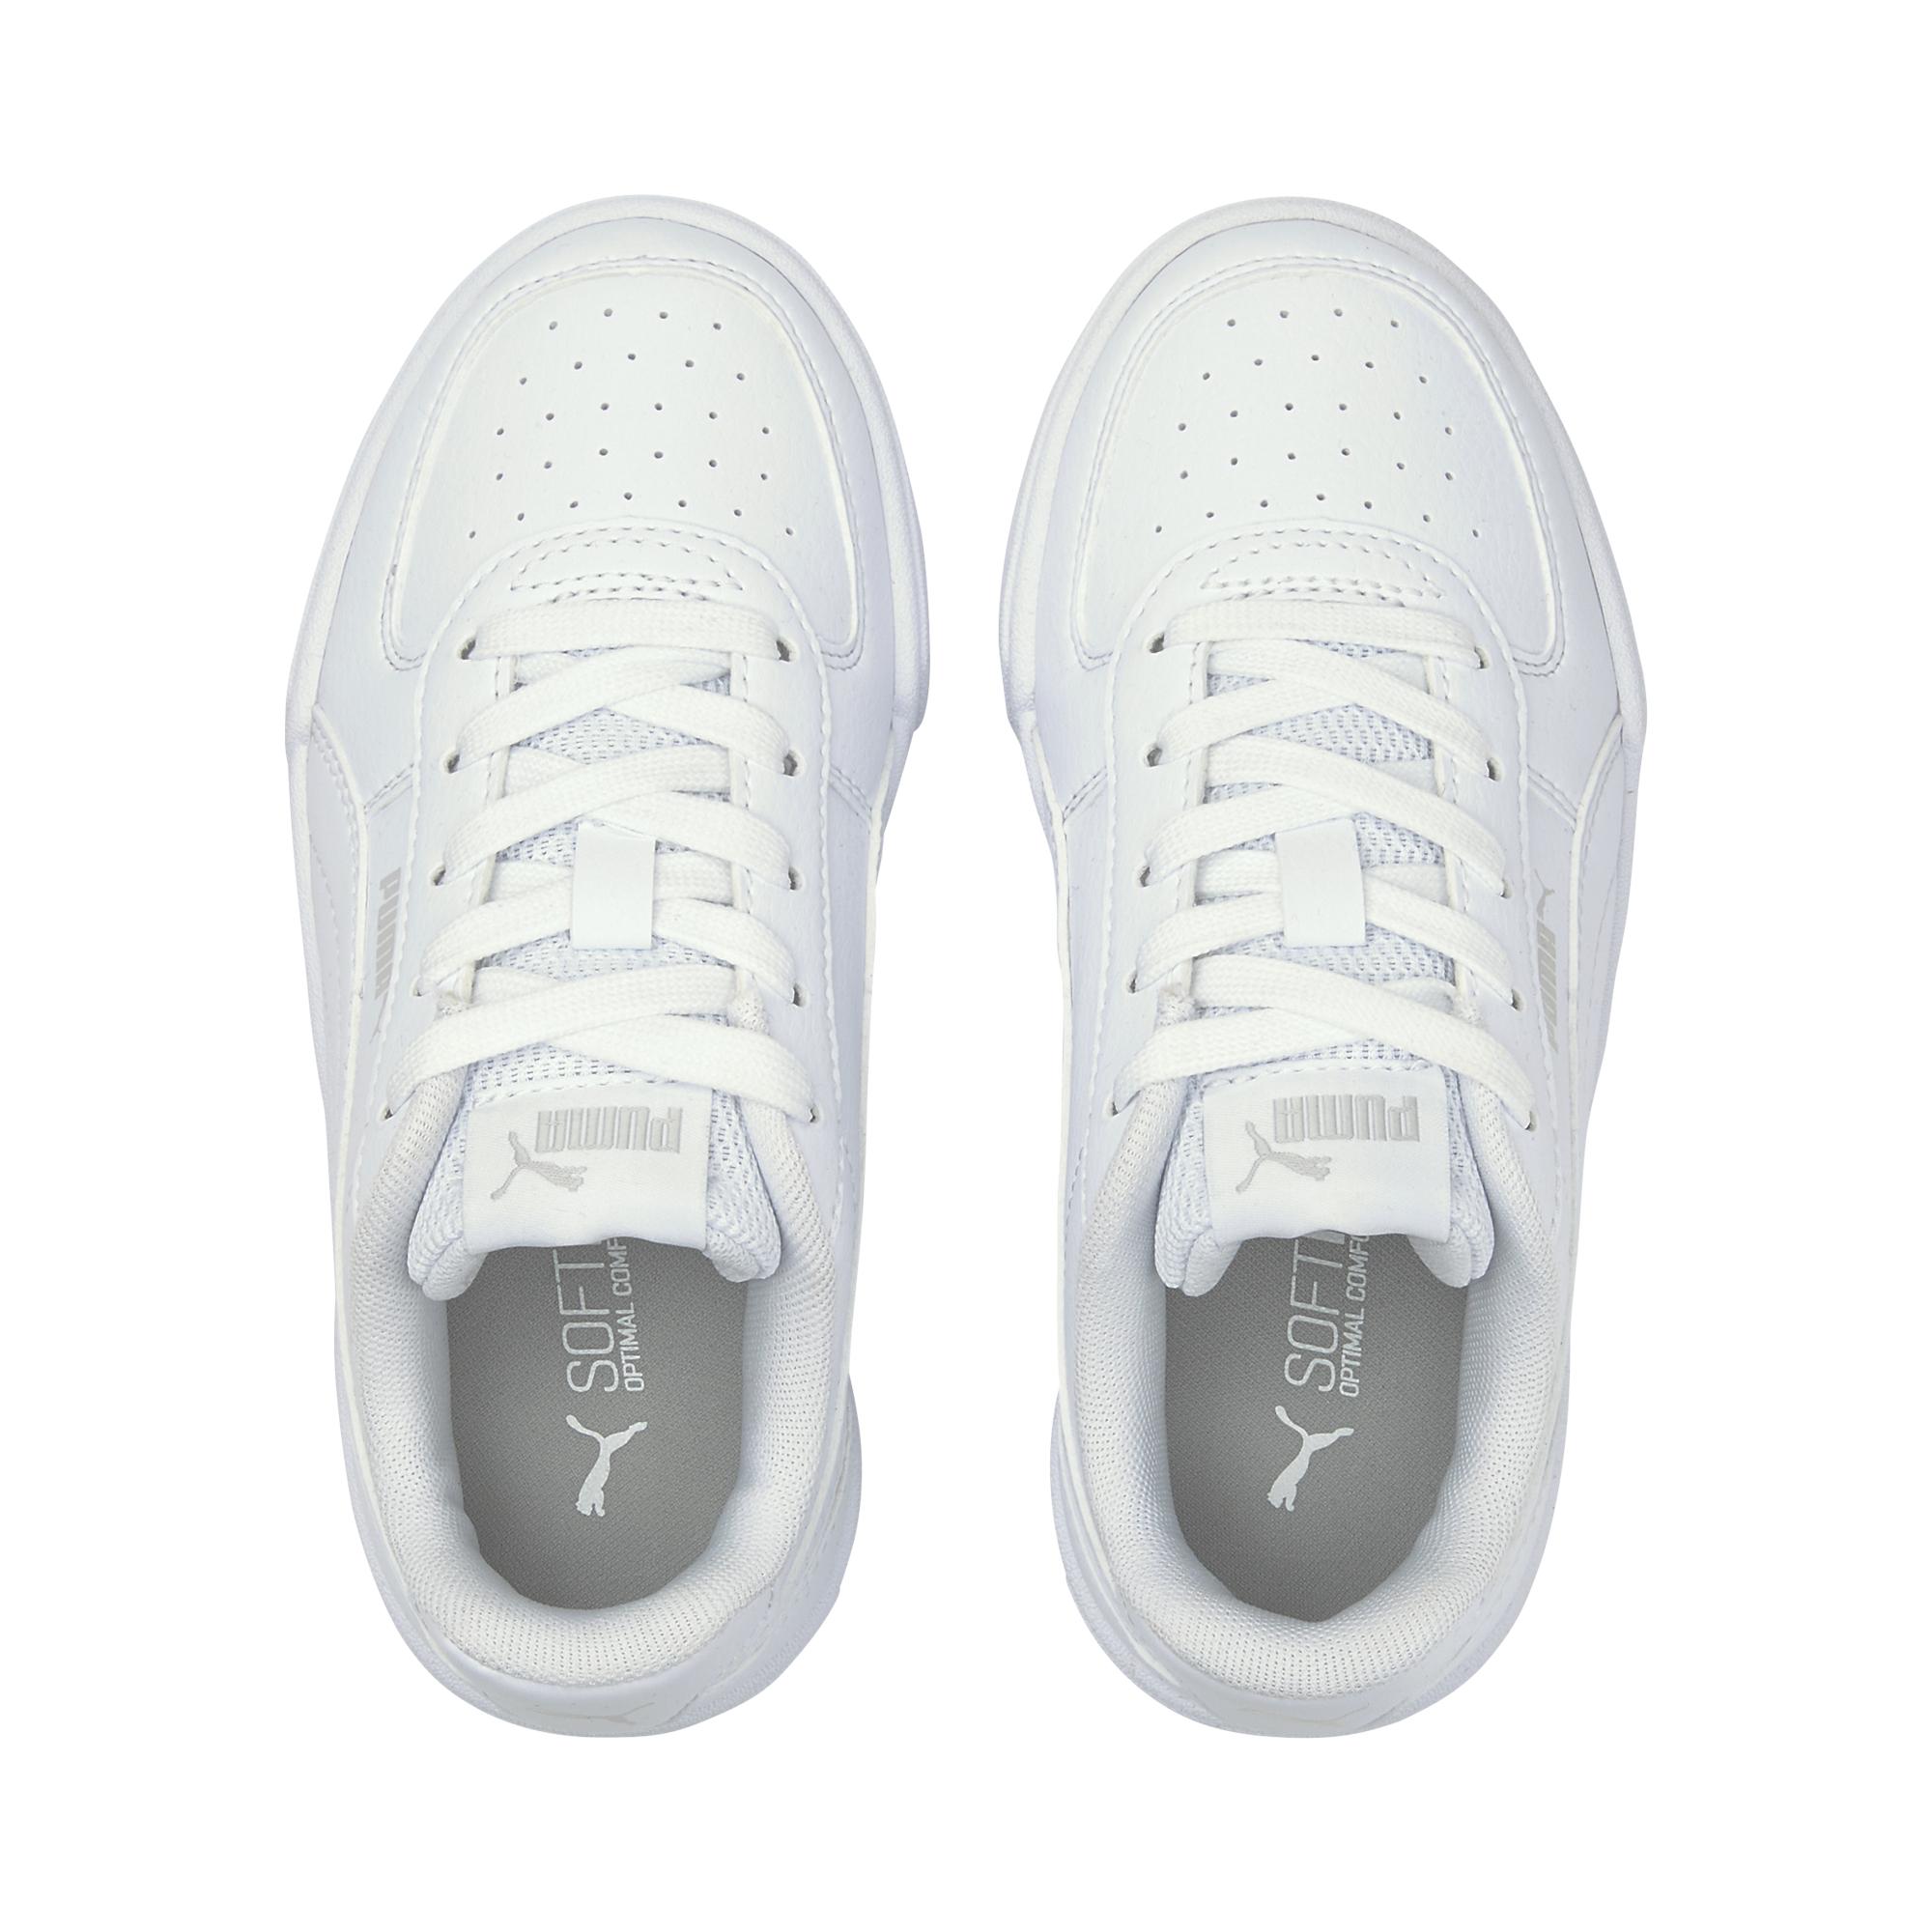 Puma Caven PS Sneakers, Hvid, 32